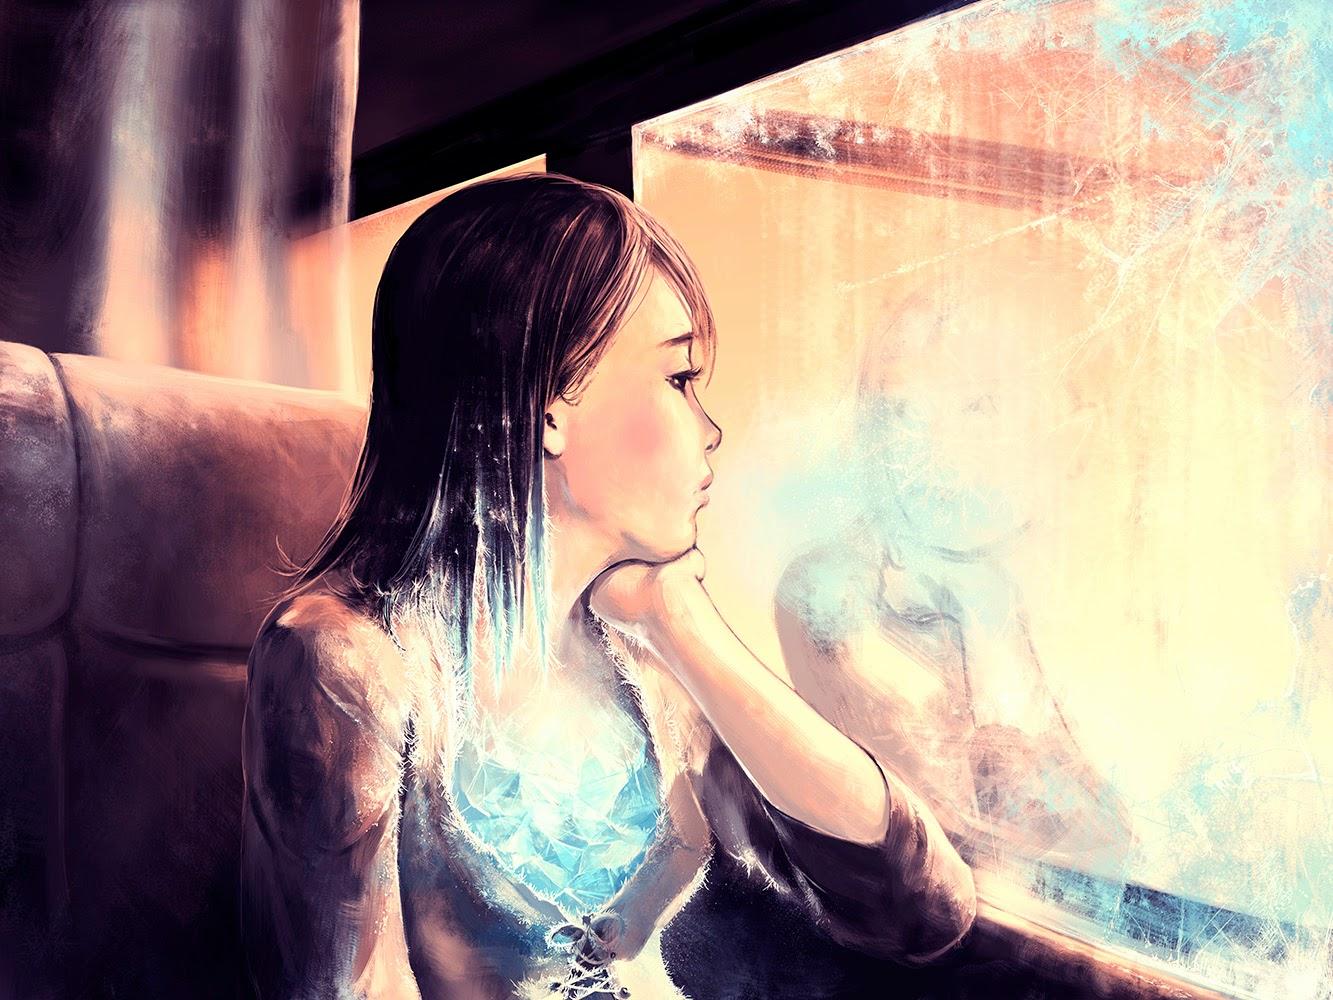 25-Frozen-Rolando-Cyril-aquasixio-Surreal-Fantasy-Otherworldly-Art-www-designstack-co